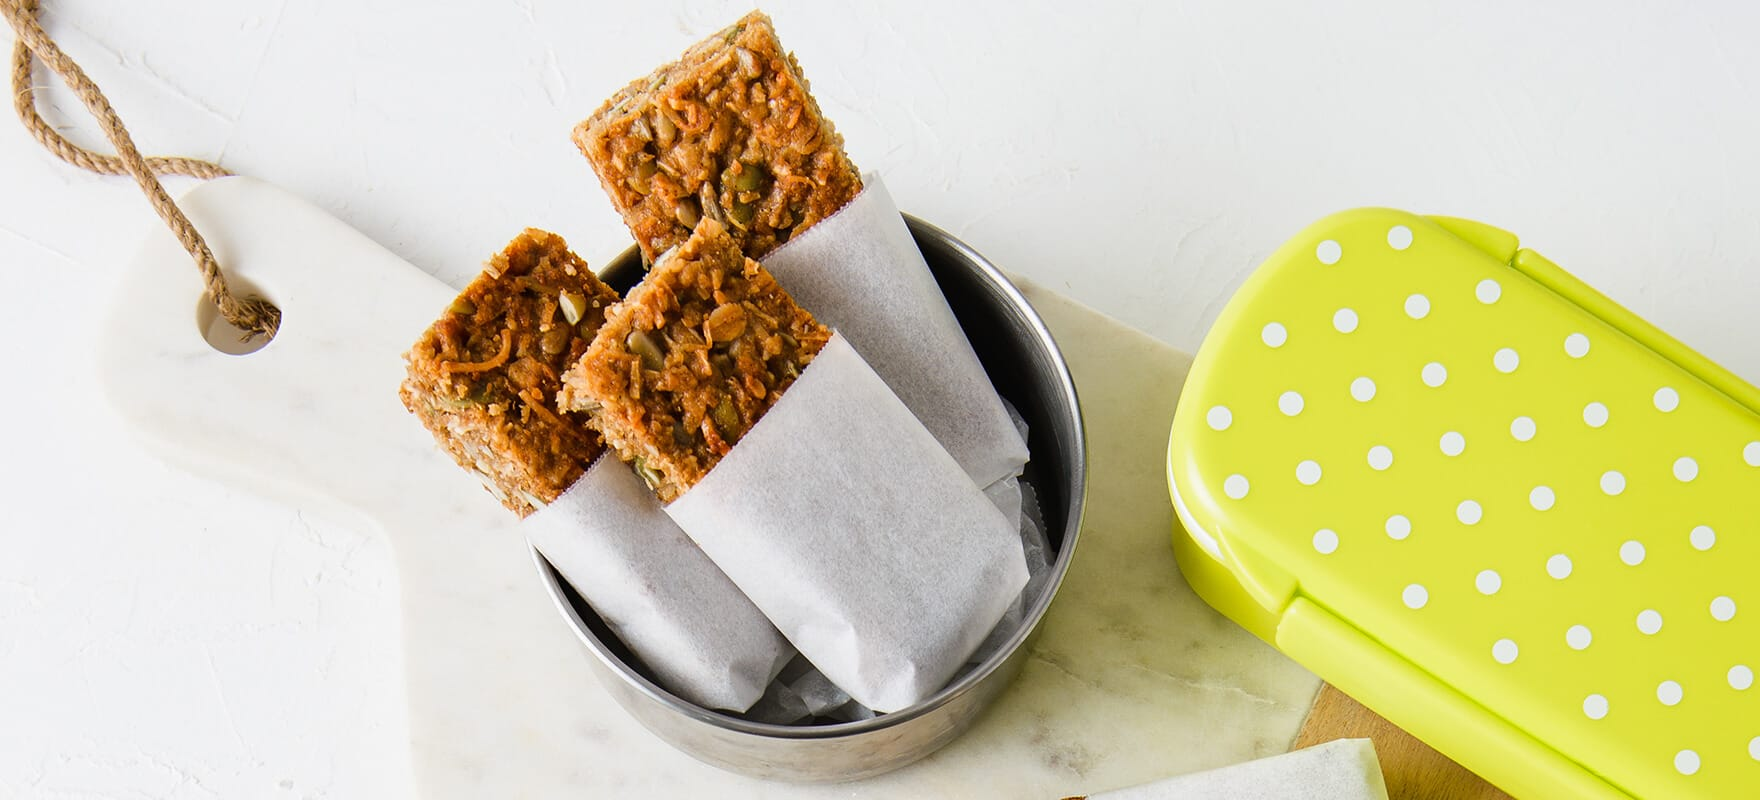 Nut-free muesli bars image 2